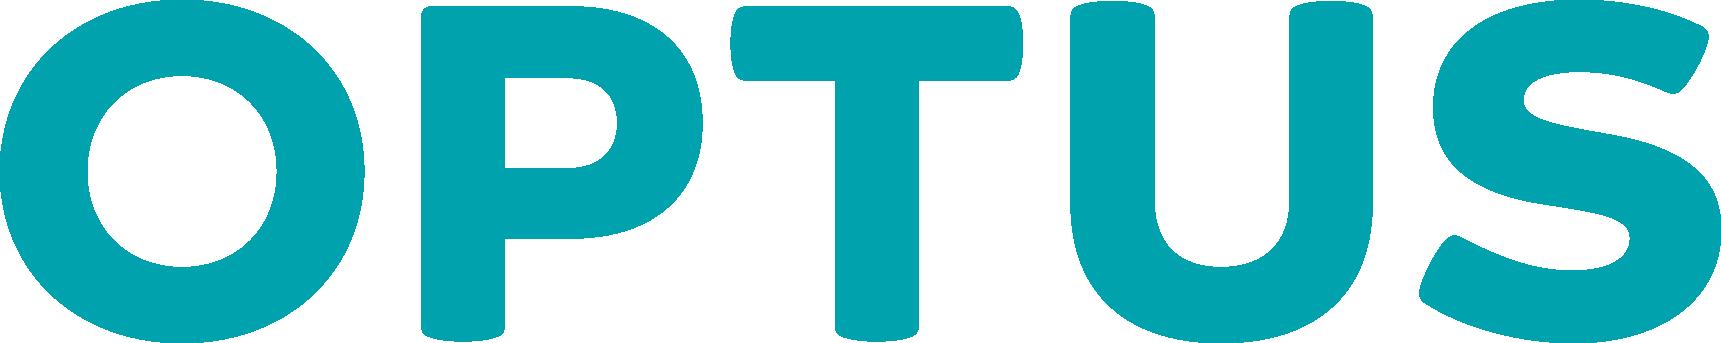 Optus Australia logo.